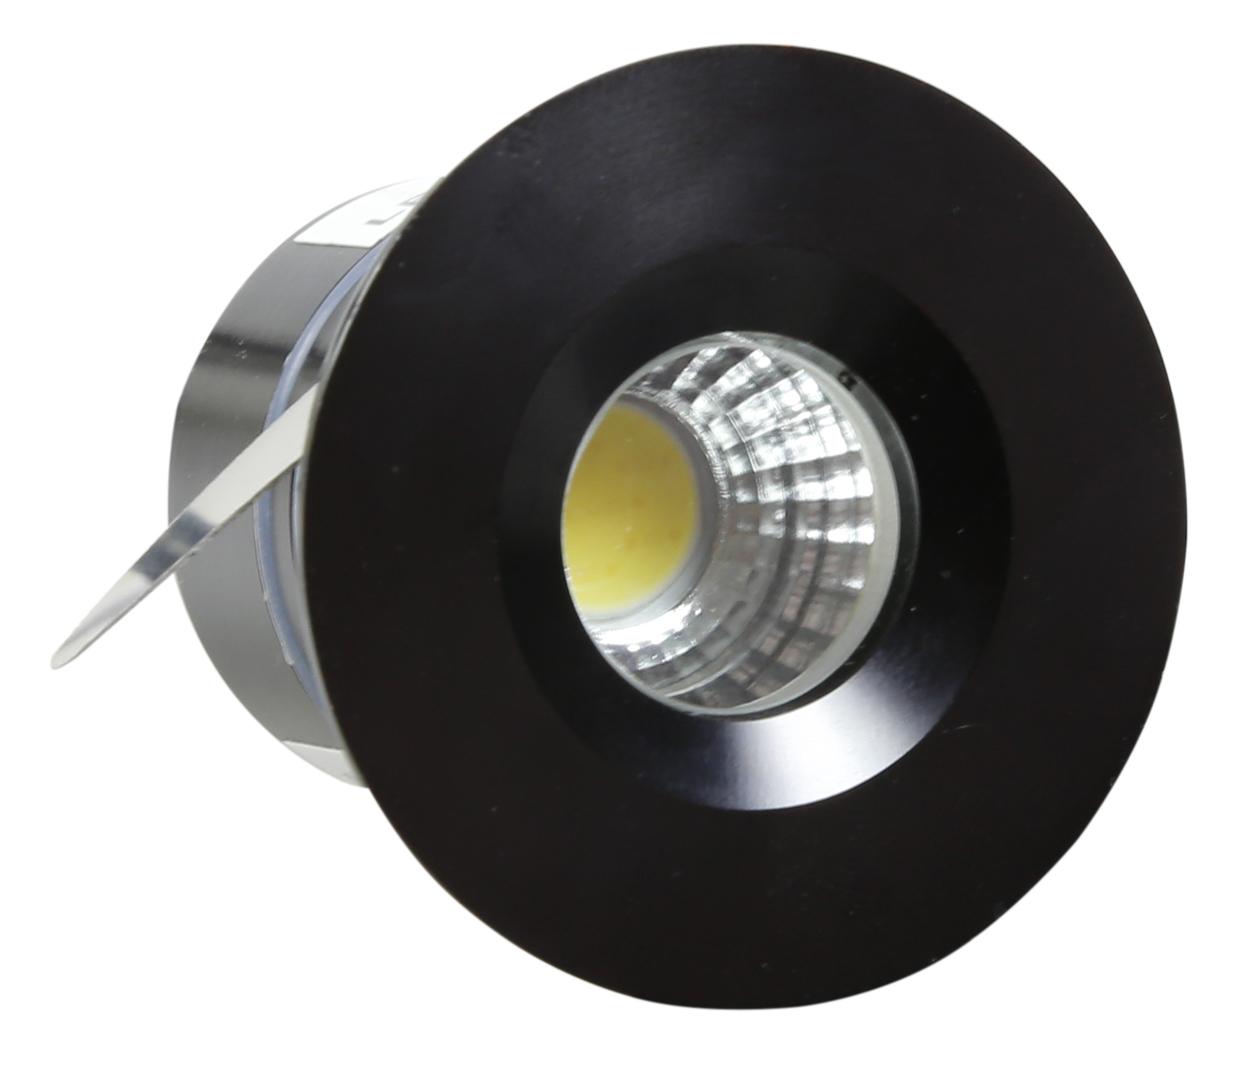 Sh-14 Bk 3W Led 230V Lampă de tavan cu ochi negru Lampă de tavan ermetică Ip65 Rezistență la umiditate